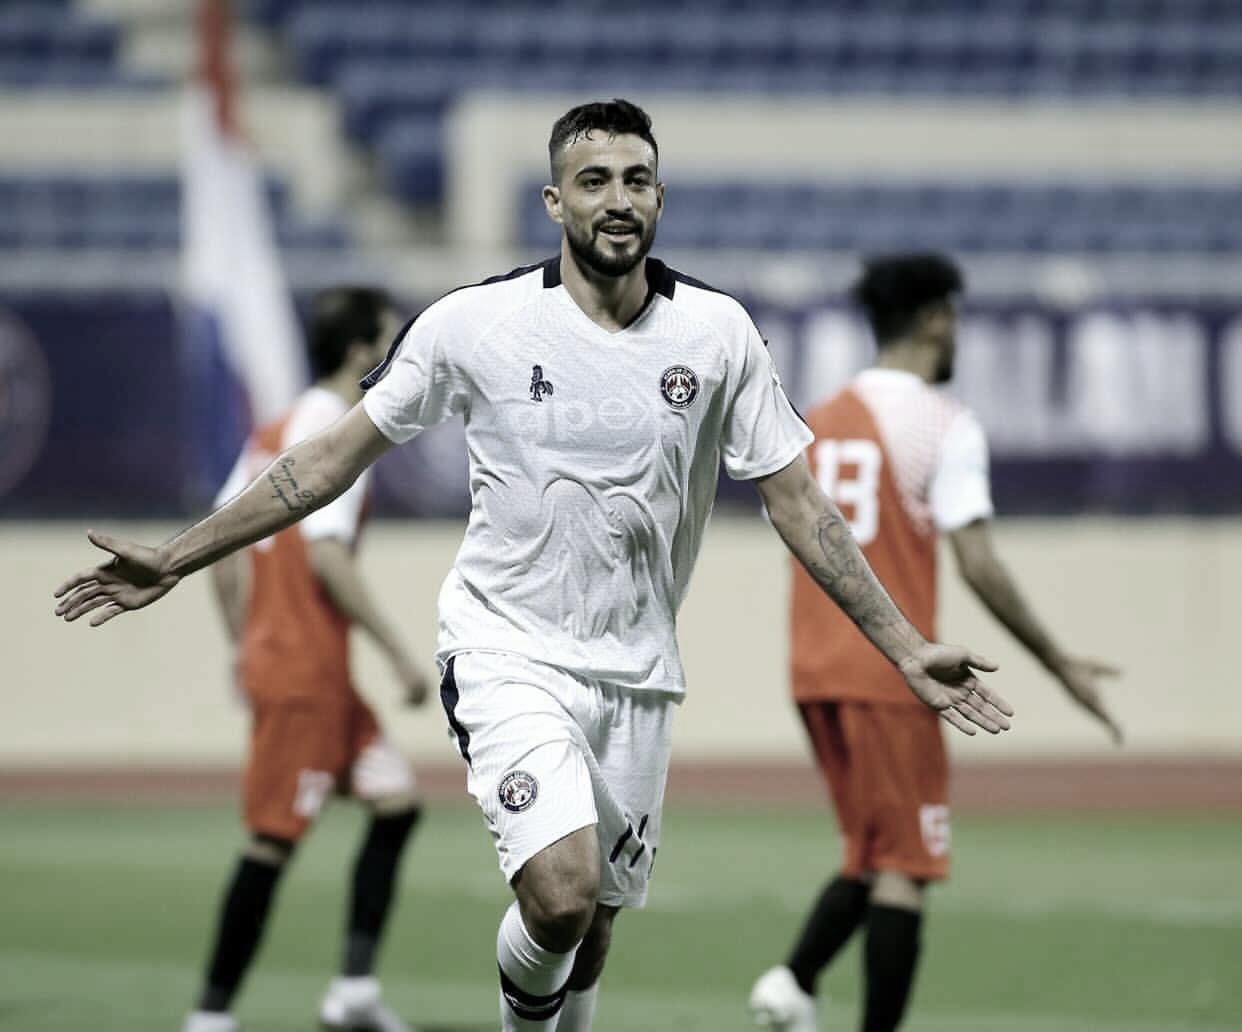 Everton manifesta desejo de permanecer no futebol árabe e espera definir futuro em breve